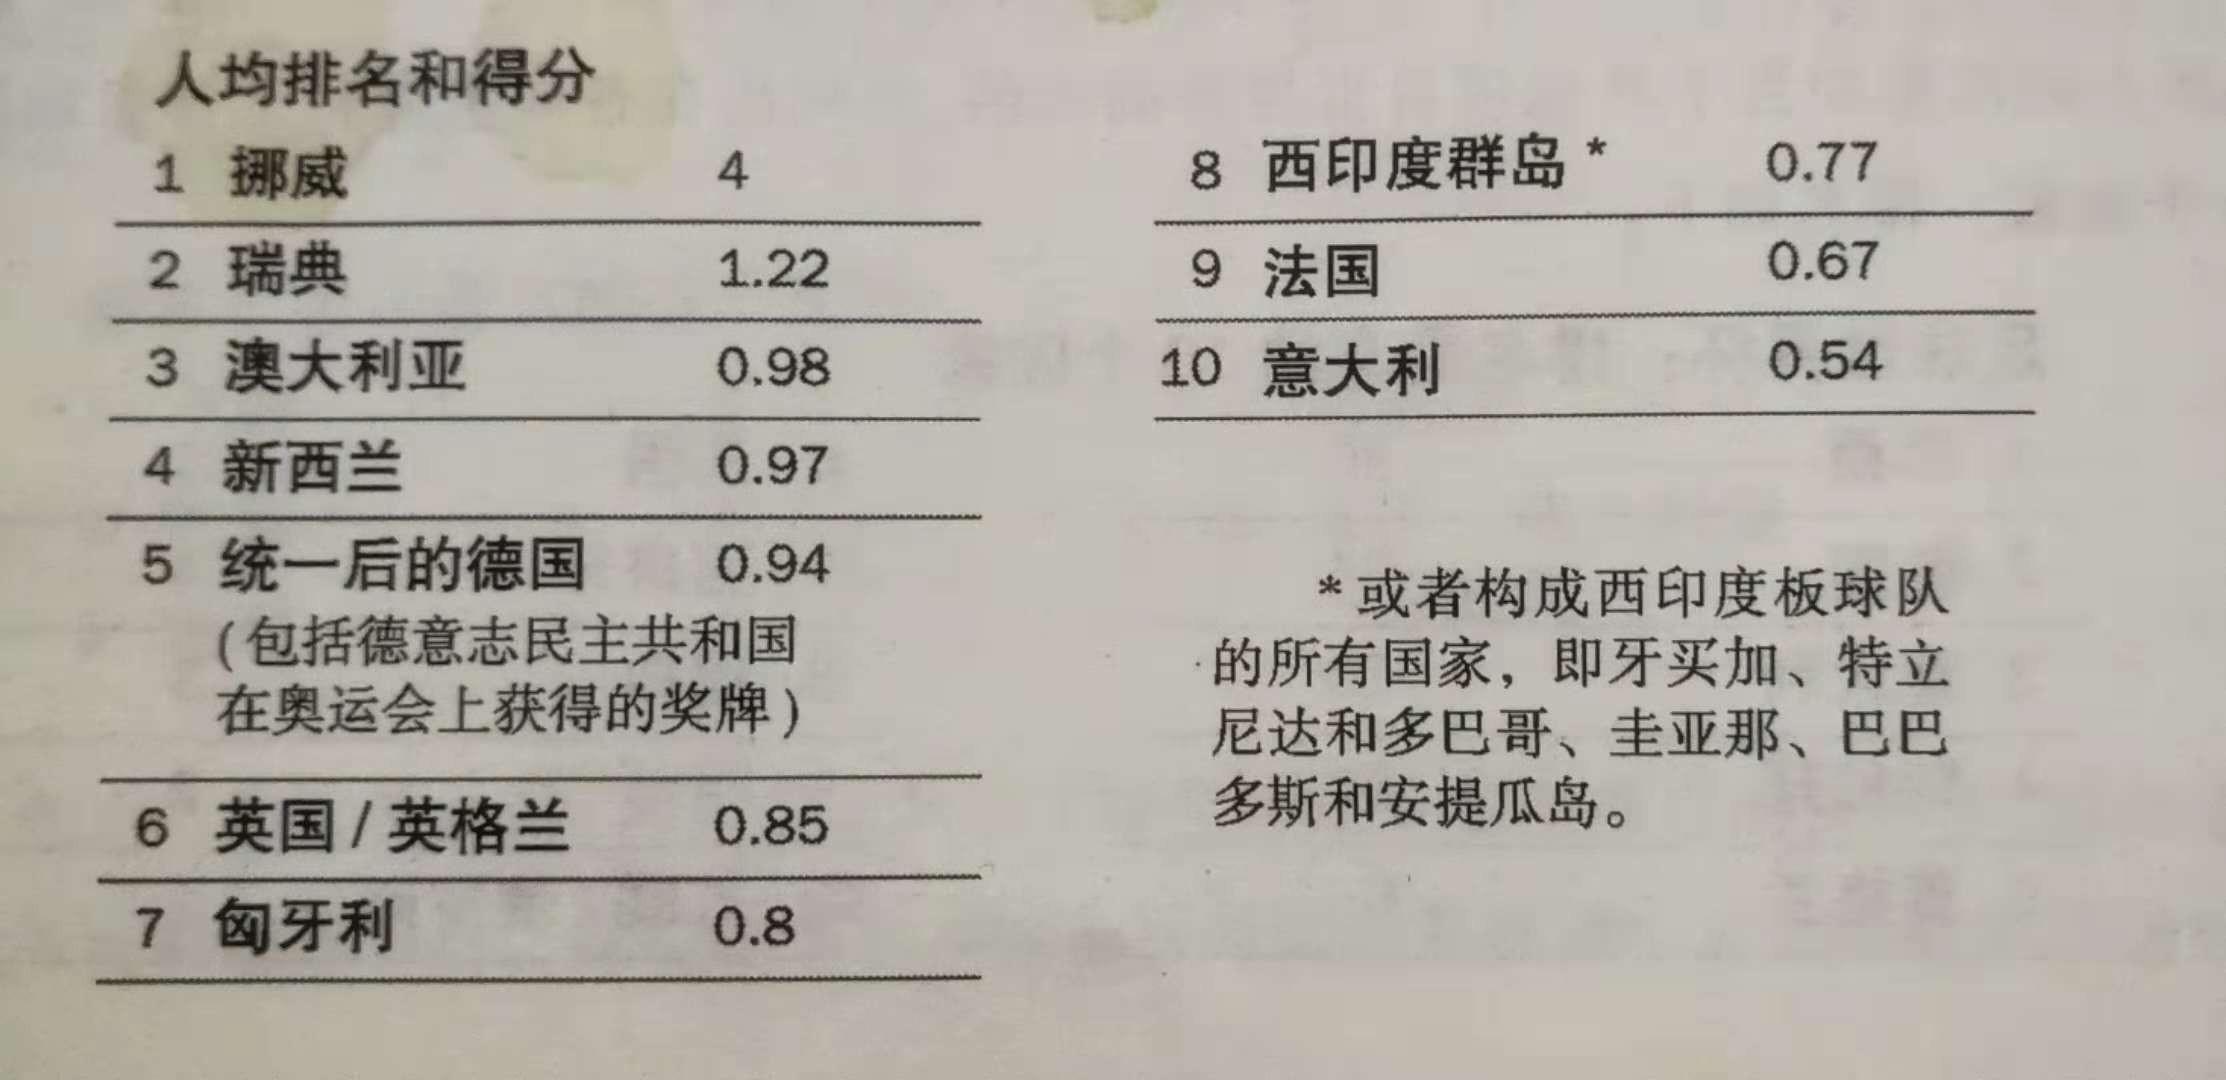 人类发展指数 衡量经济总量_人类发展指数(2)